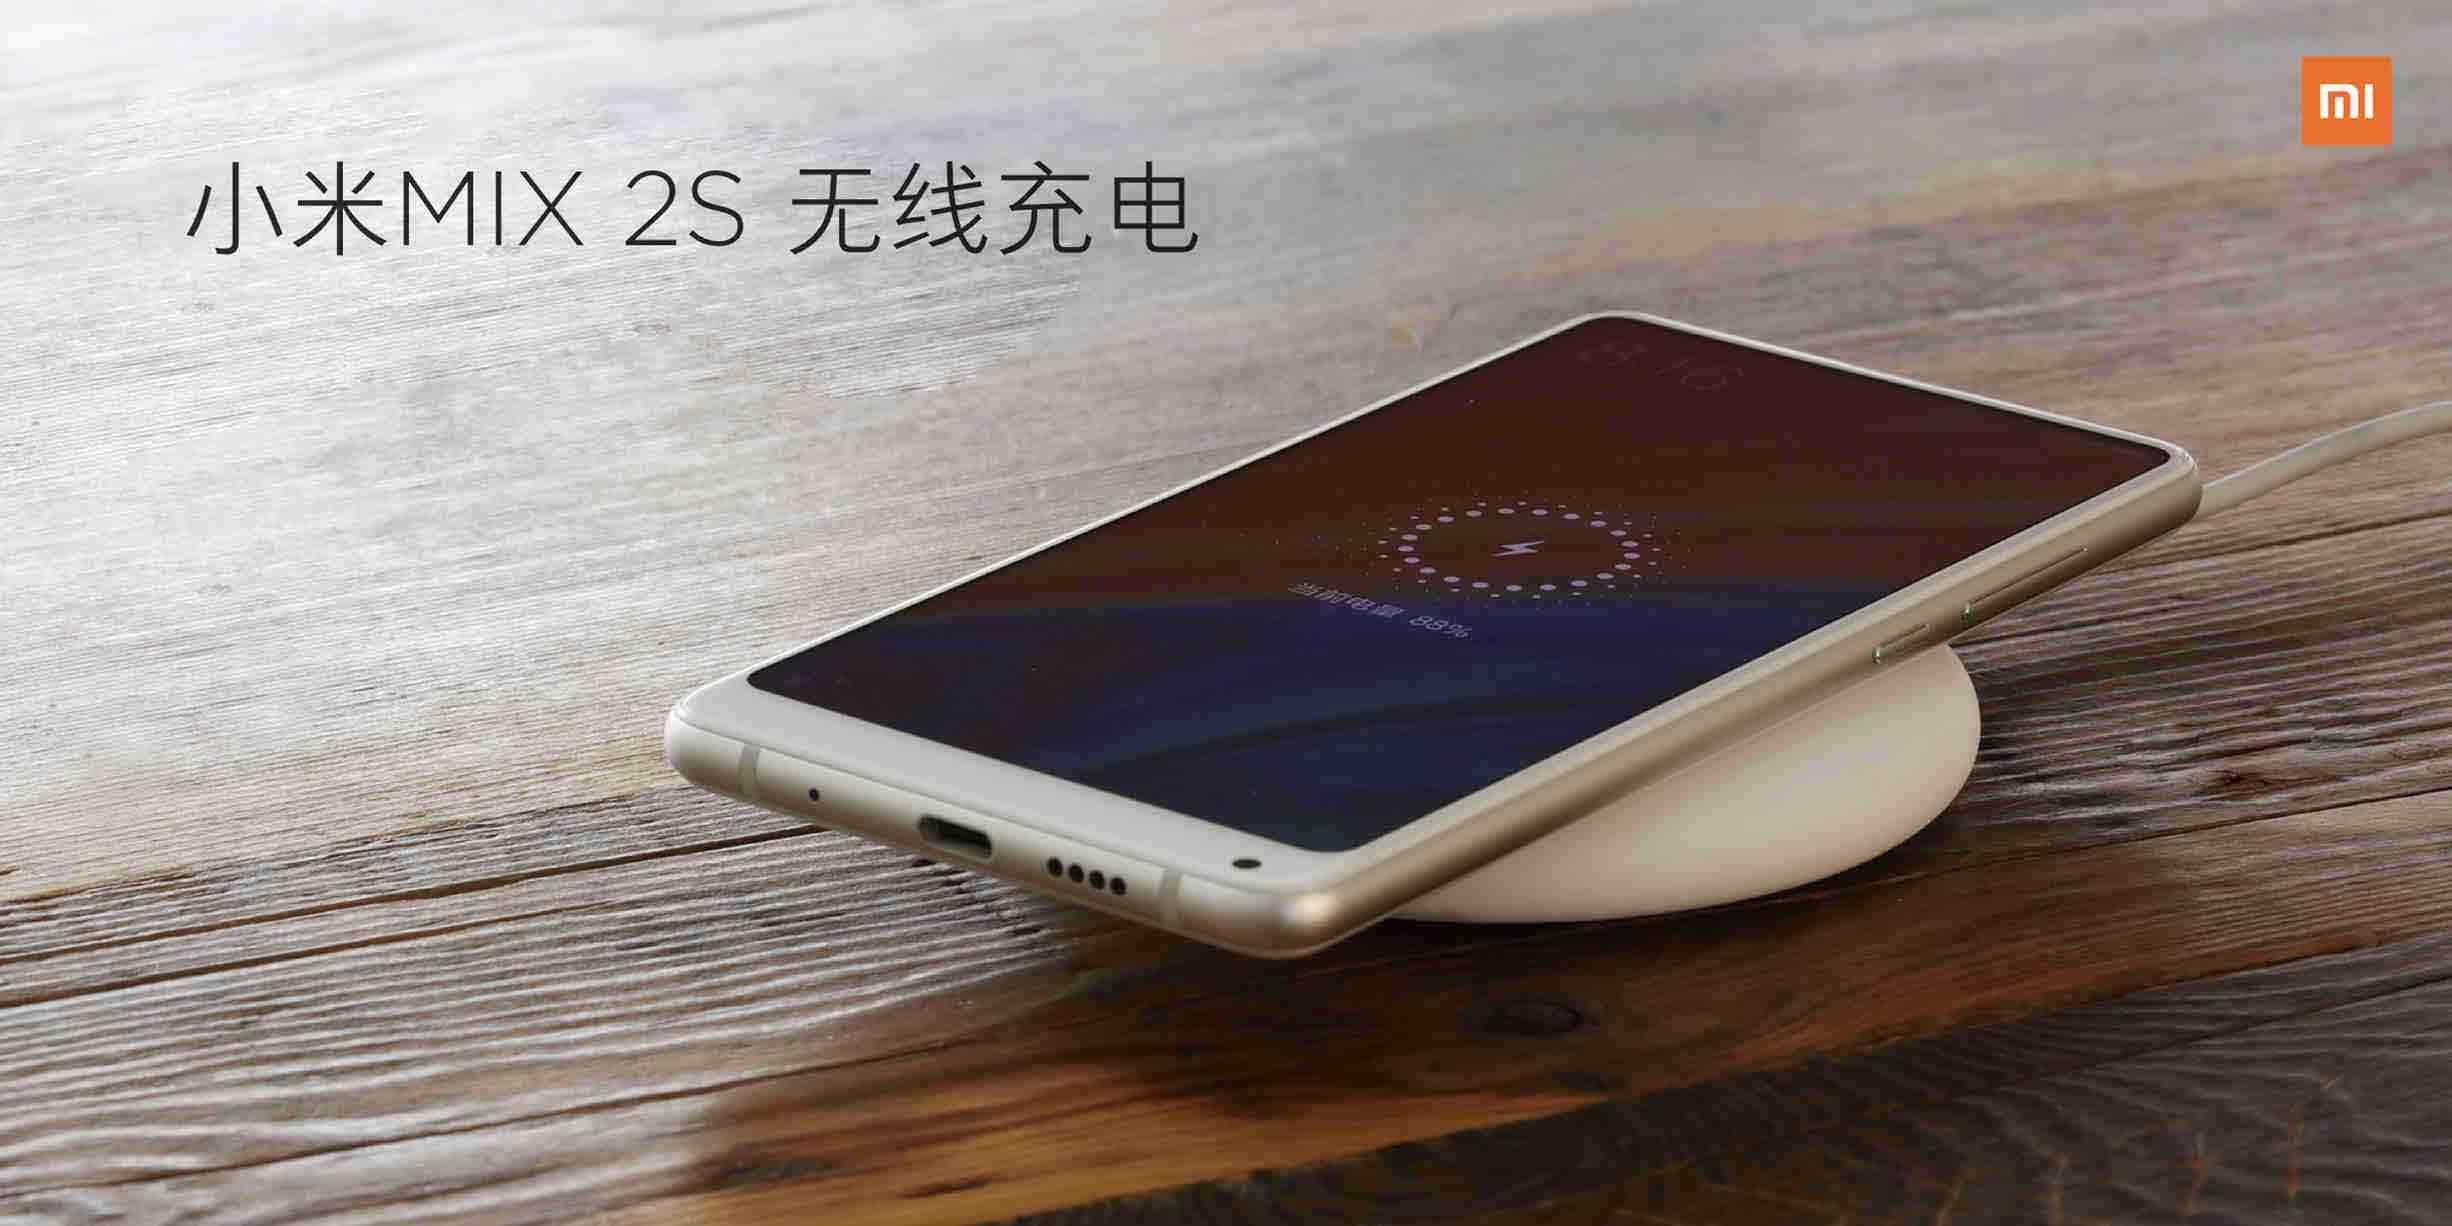 Анонсирован Xiaomi Mi Mix 2S: флагман с двойной камерой и... Xiaomi  - 70a0456d444a4959f9b7c1ff070865ef